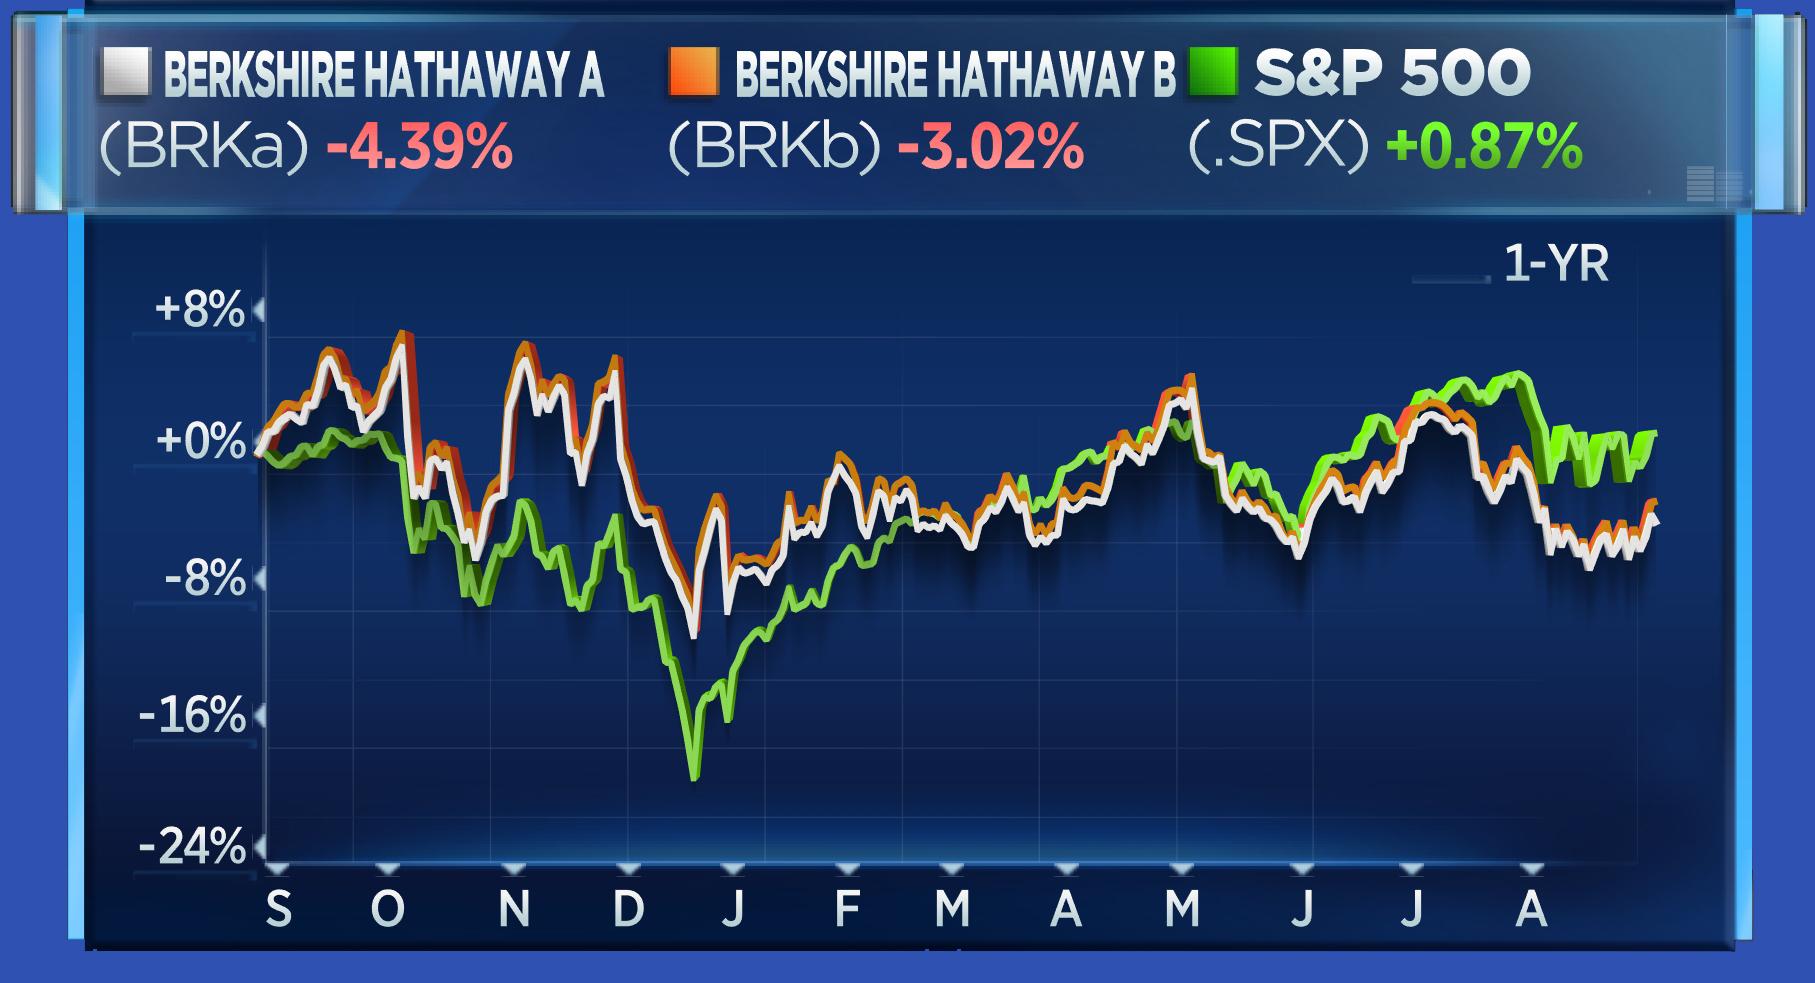 BRK-A vs BRK.B vs .SPX - 1-year chart